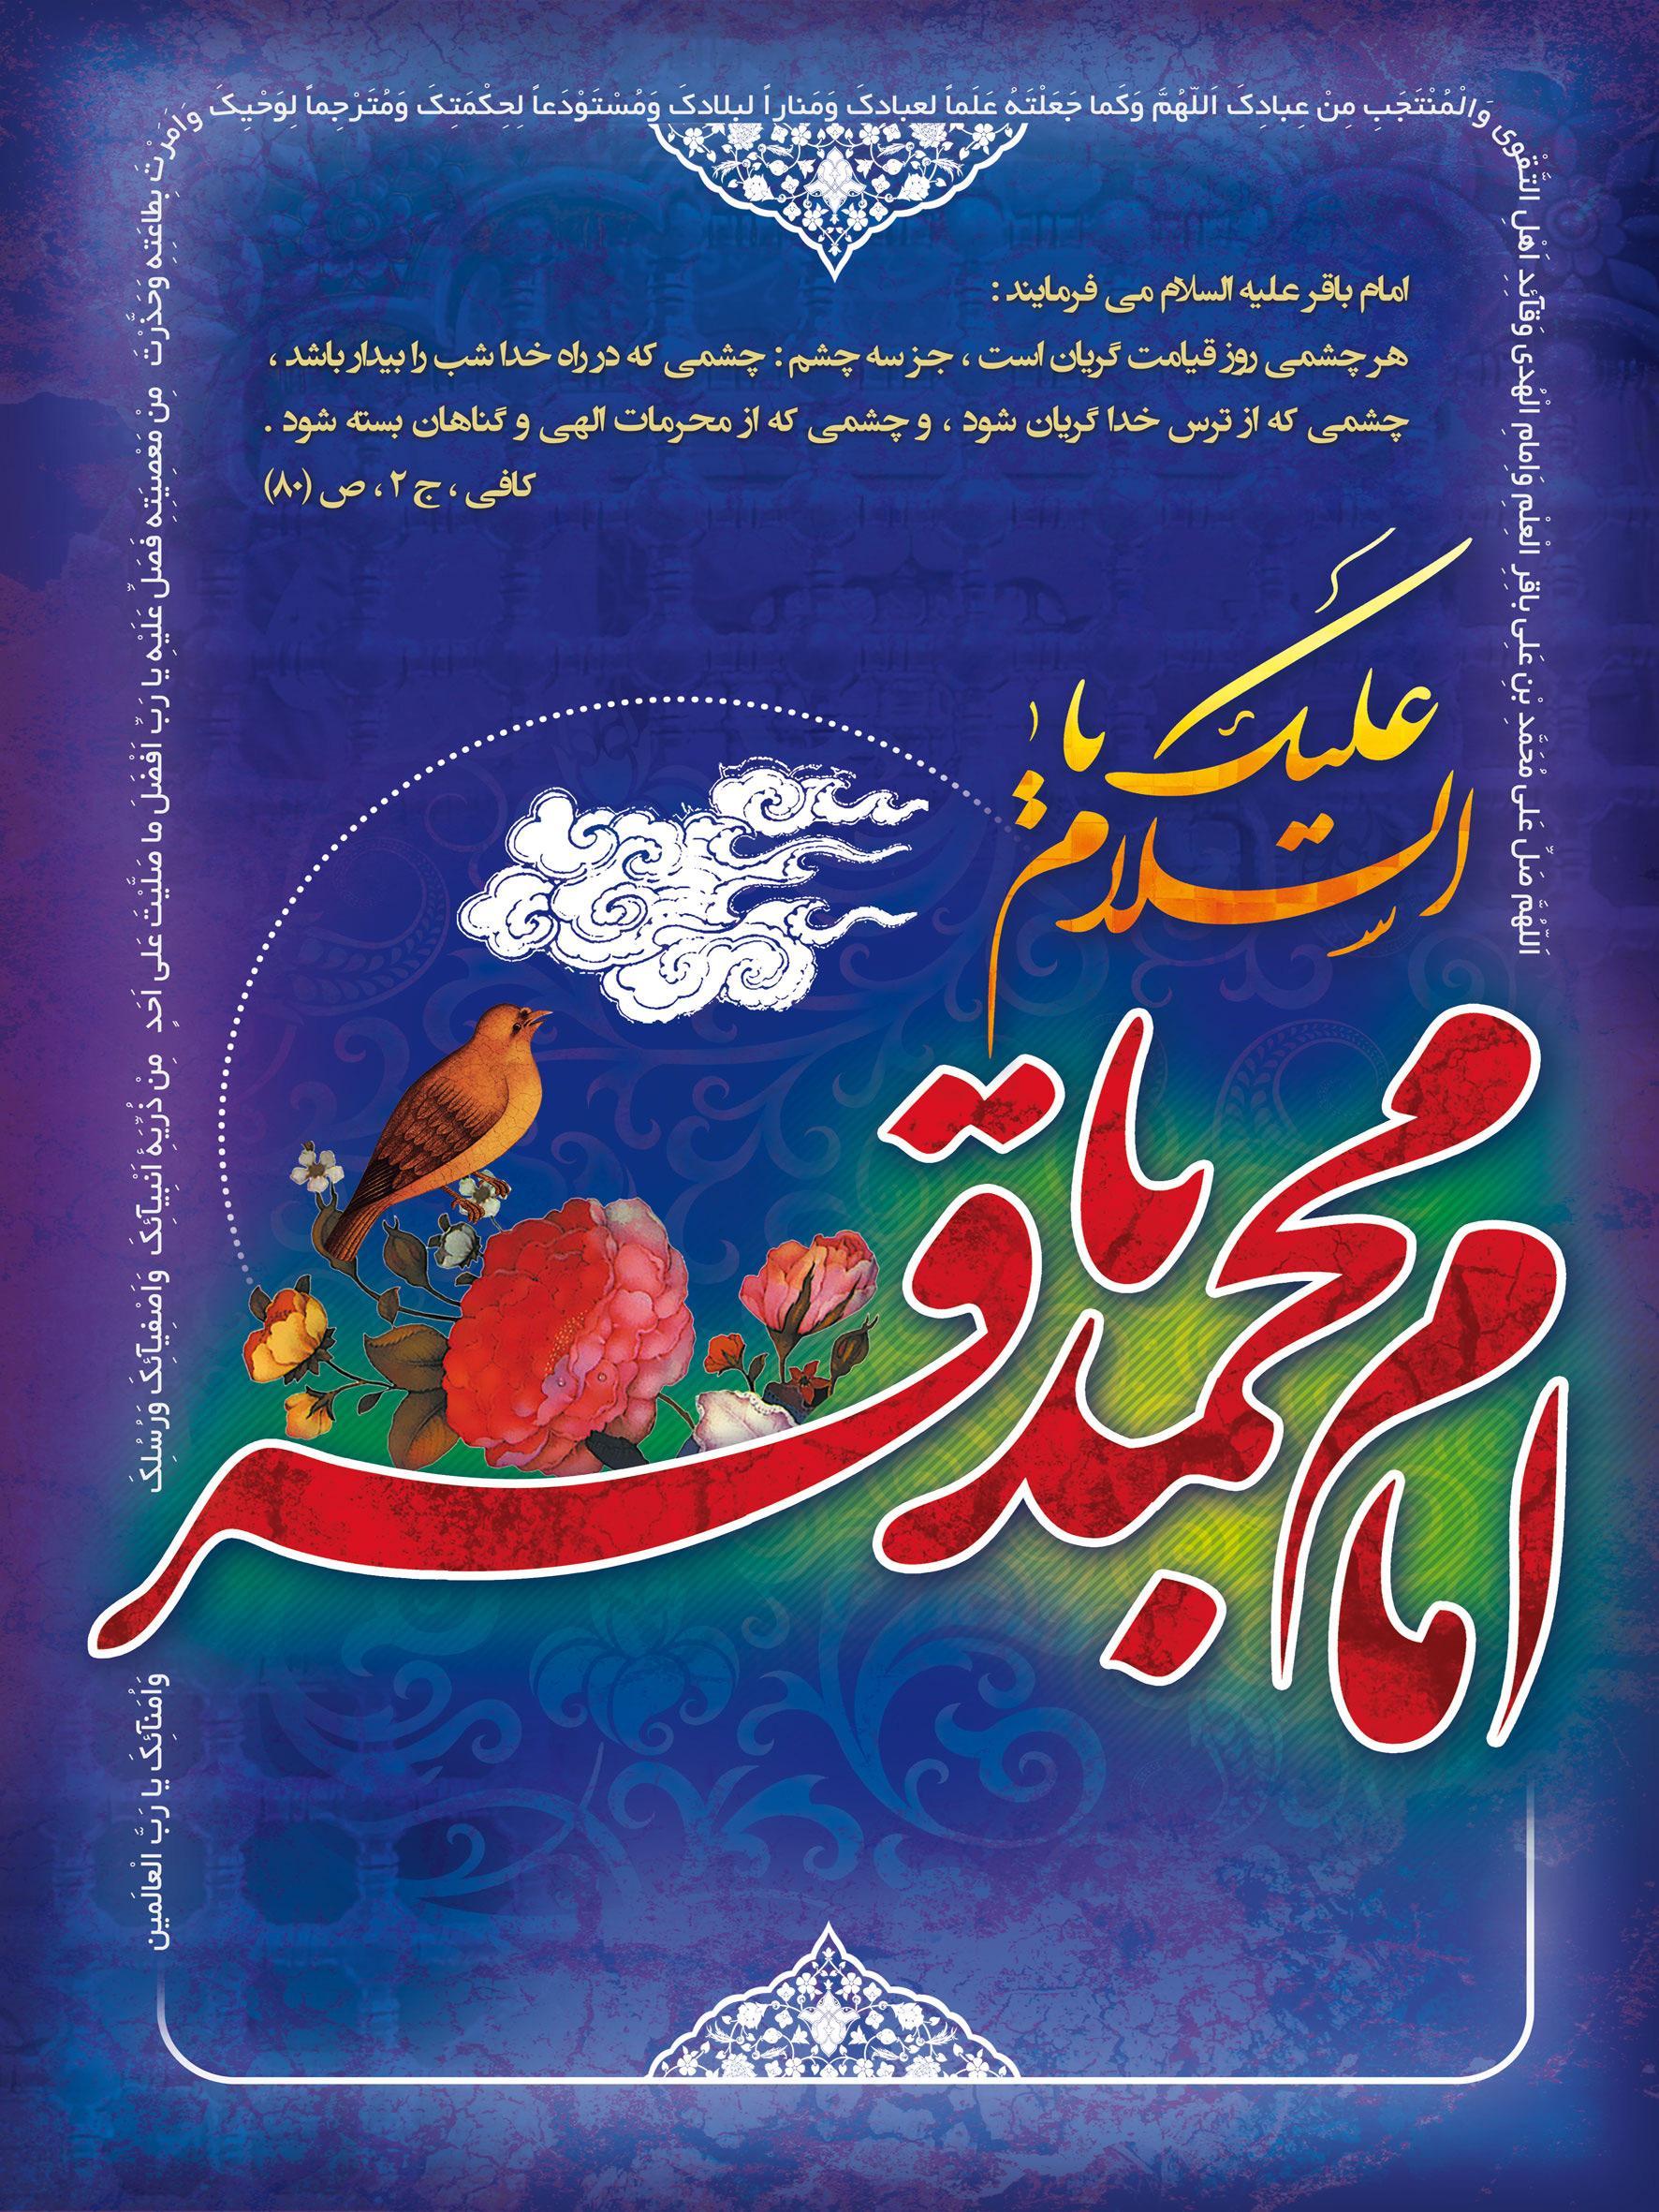 پوستر ولادت امام باقر علیه السلام